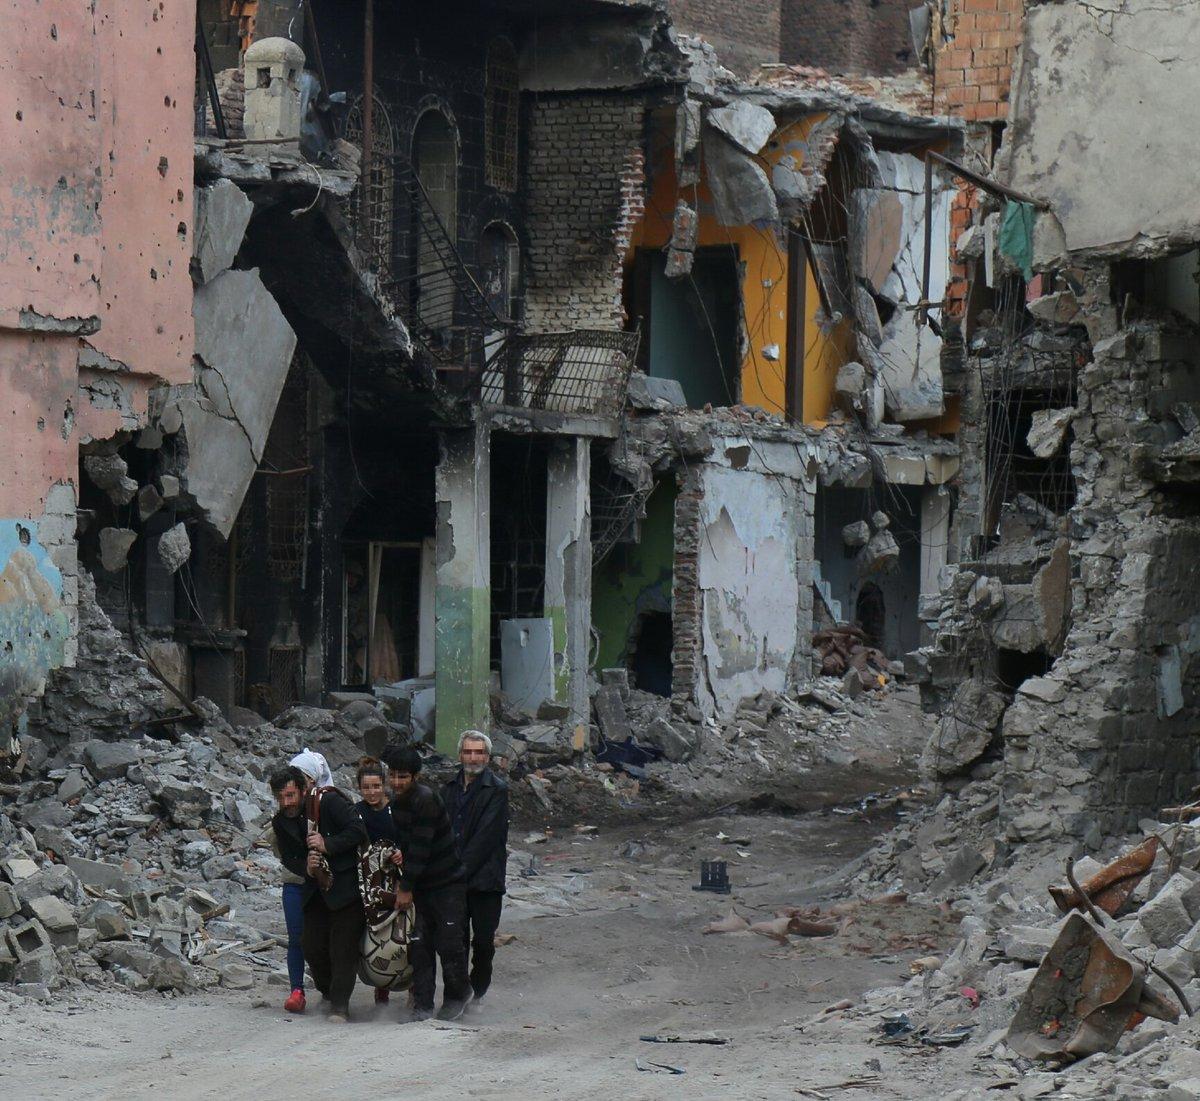 Bilder aus Sur. Derzeit gibt es einen Fluchtkorridor aus dem die Menschen fliehen können